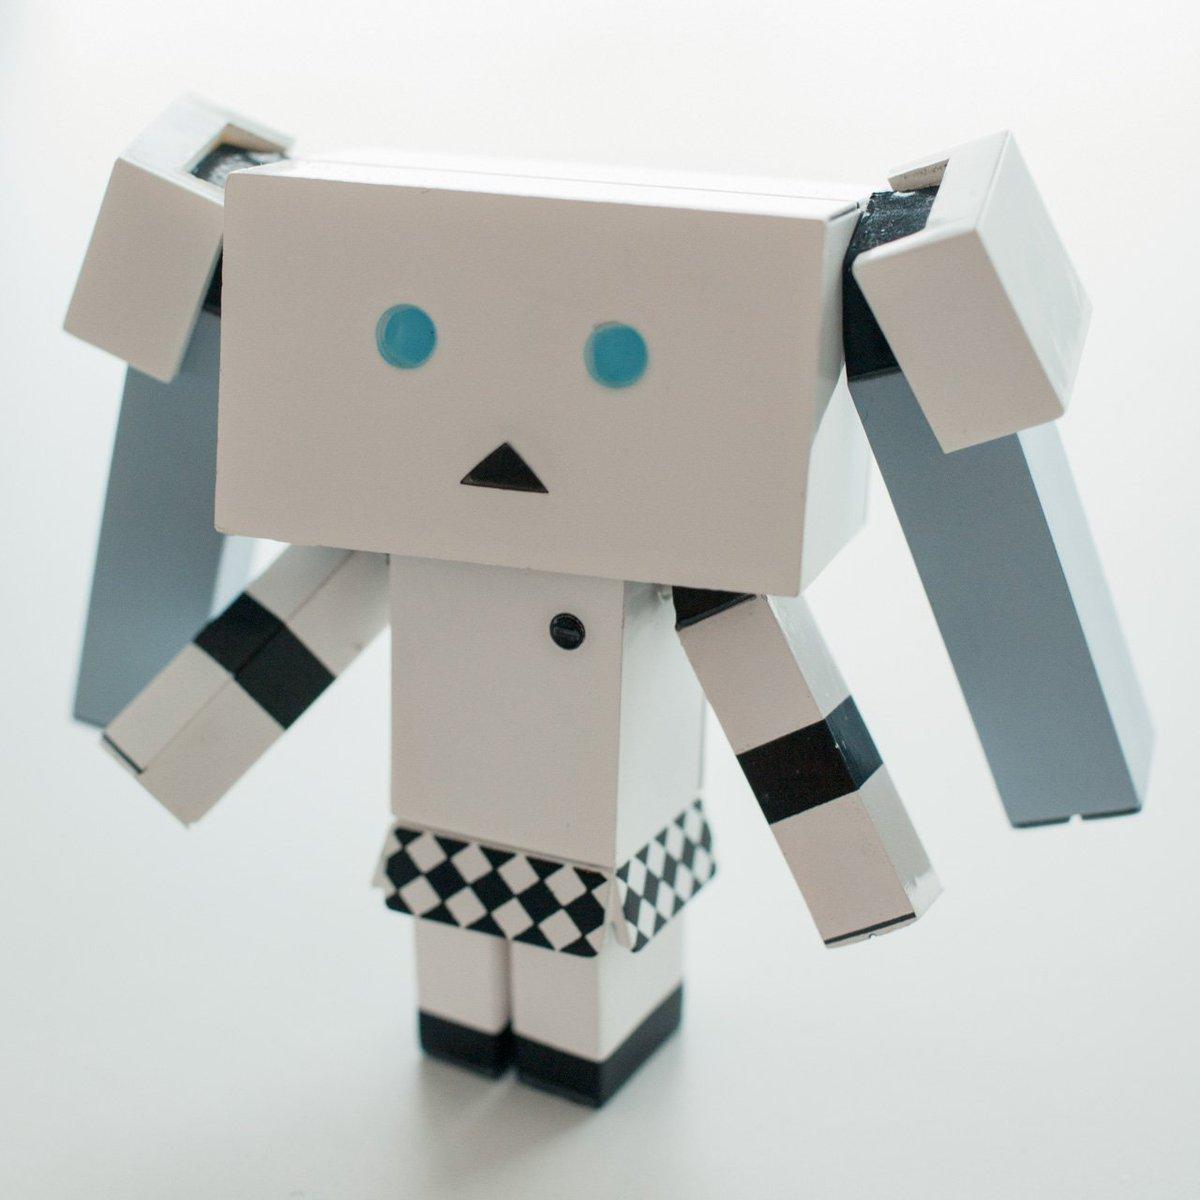 以前デザインした、モノクロームダンボーが届いた。おさげが磁石着脱なので色々遊んでる。store428d.com/fs/ydso/db_mmd pic.twitter.com/IdhWBUFli2